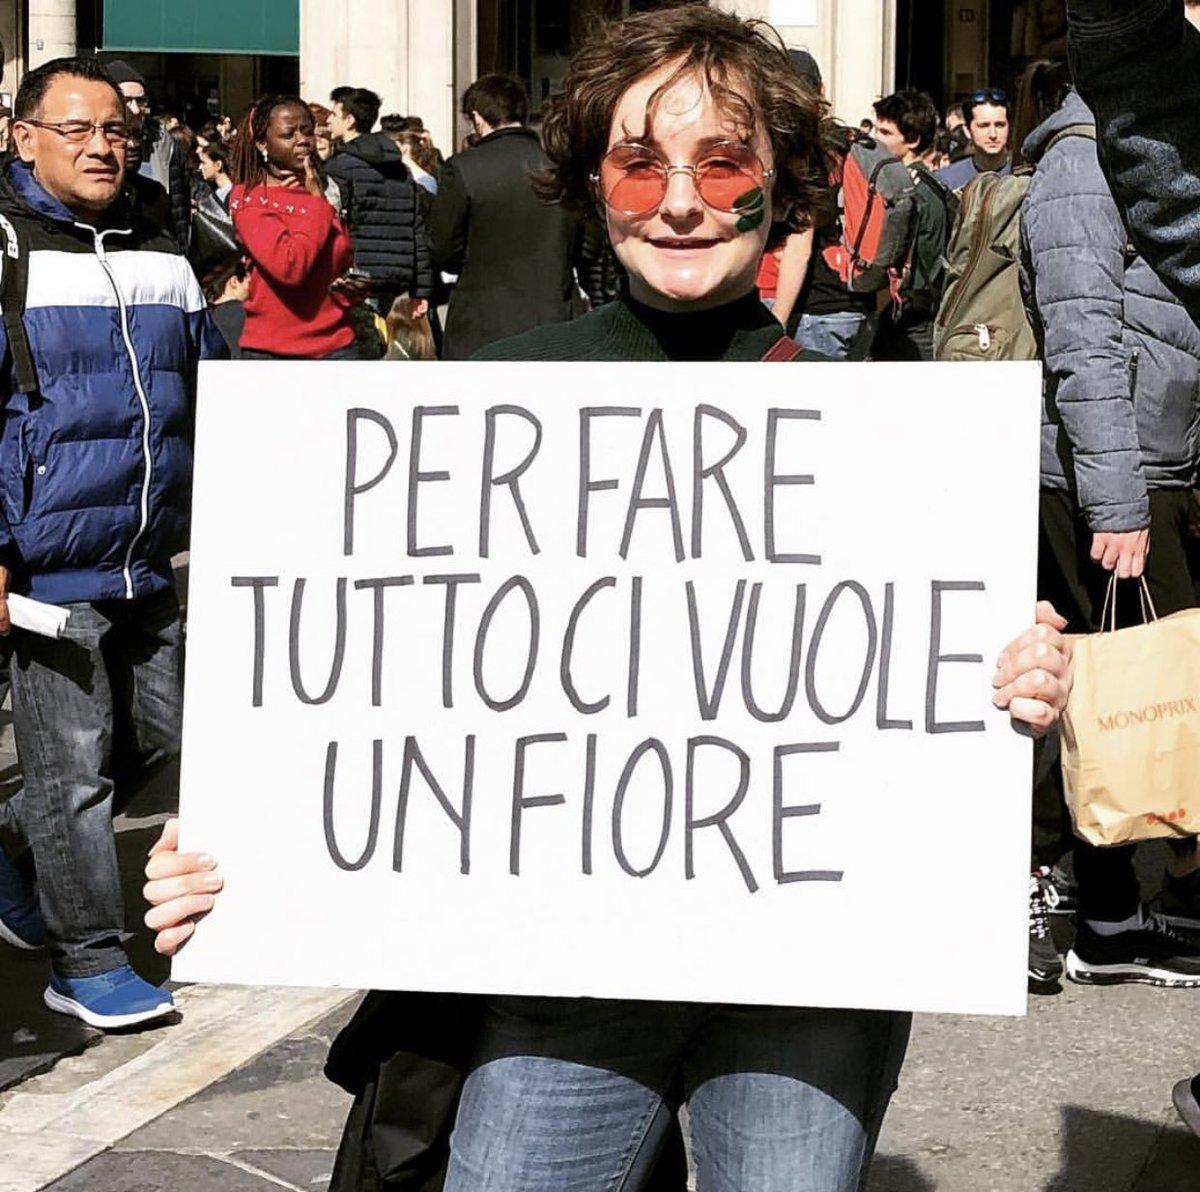 S 🇪🇺🇪🇺🇪🇺 #facciamorete's photo on #facciamoAMBIENTE